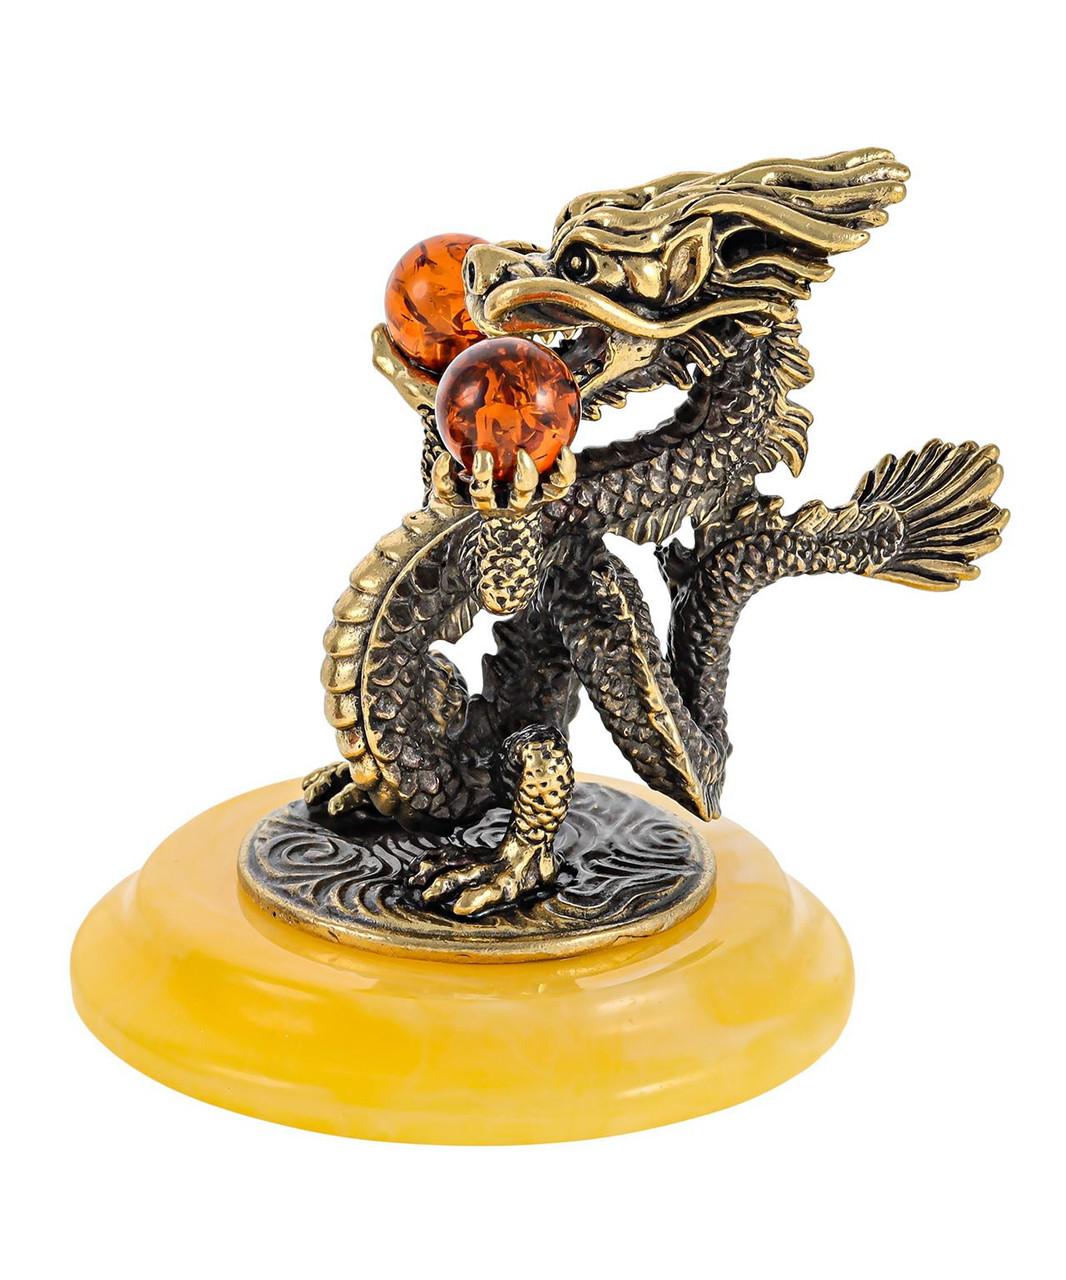 Сувенир Дракон золотой. Ручная работа